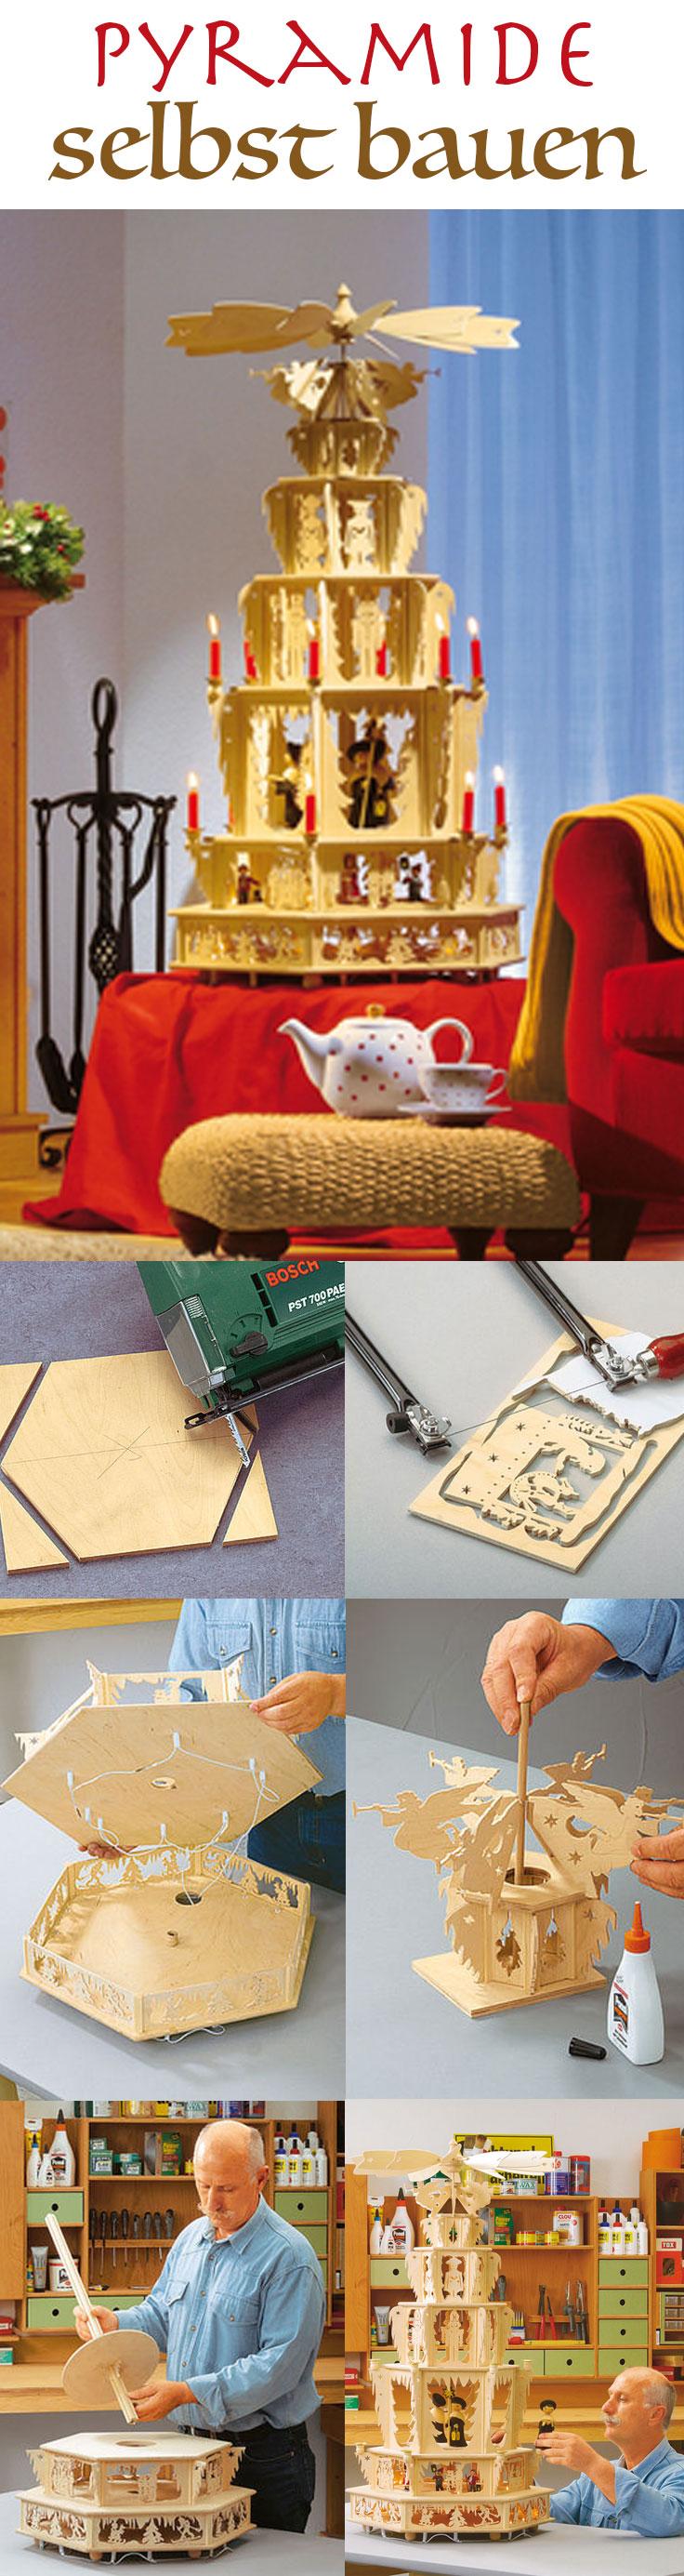 eine weihnachtspyramide aus holz bedeutet viel filigrane. Black Bedroom Furniture Sets. Home Design Ideas